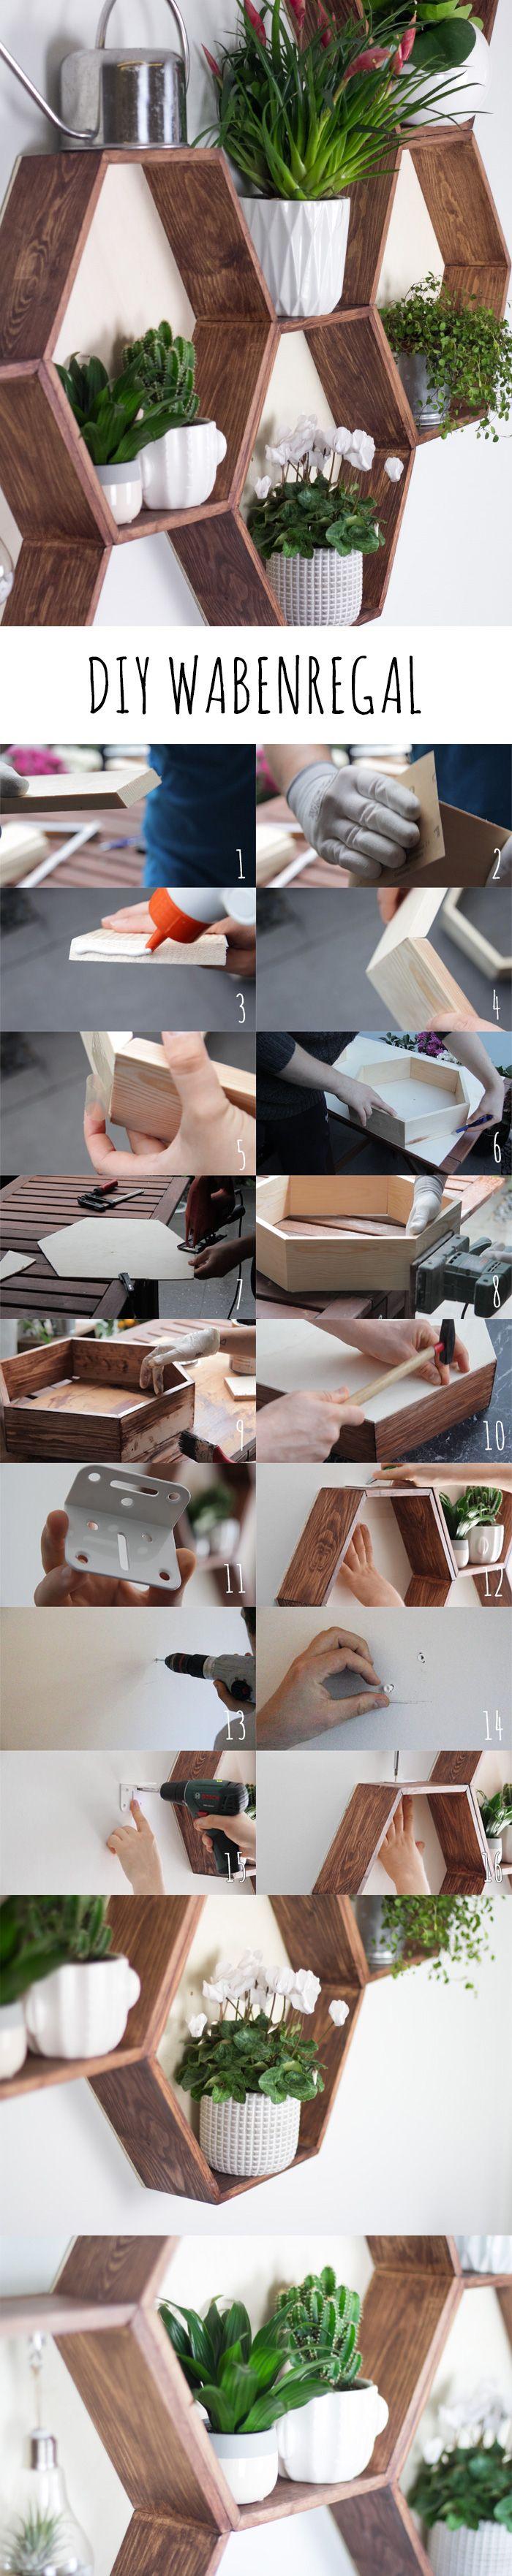 DIY Wabenregal. Möbel ganz leicht selbermachen mit dieser Anleitung!